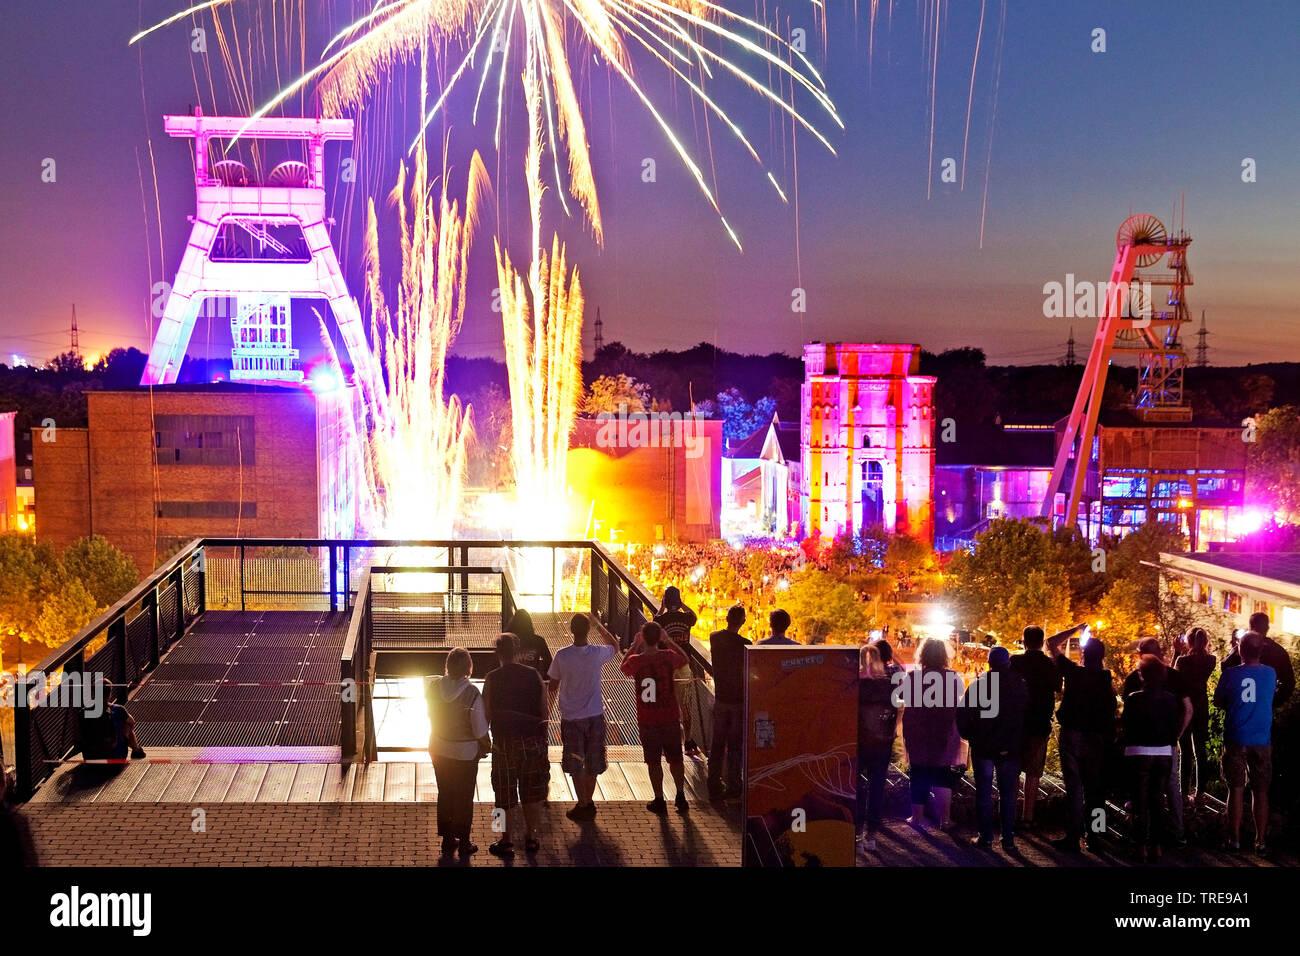 Feuerwerk an der illuminierten Zeche Ewald zur Extraschicht, Deutschland, Nordrhein-Westfalen, Ruhrgebiet, Herten   fireworks and illuminated coal-min - Stock Image